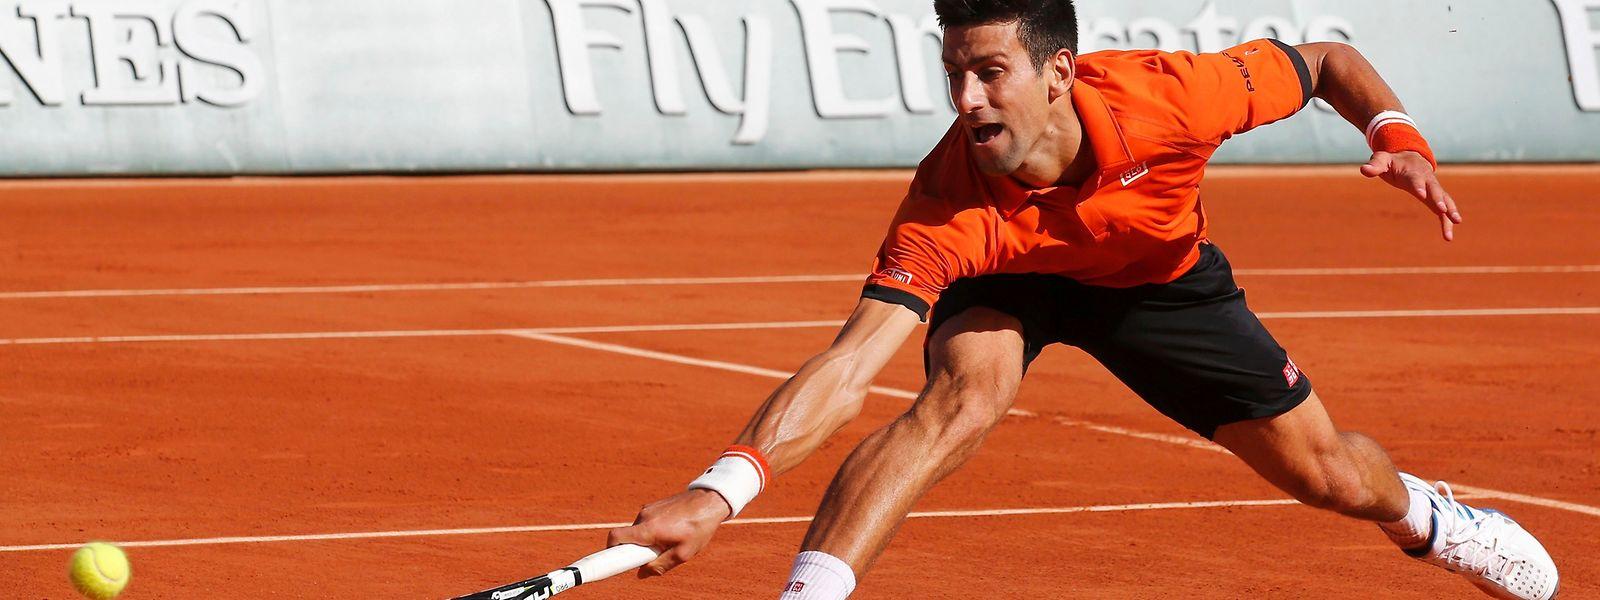 Novak Djokovic könnte sich den ersten Titel in Paris sichern.